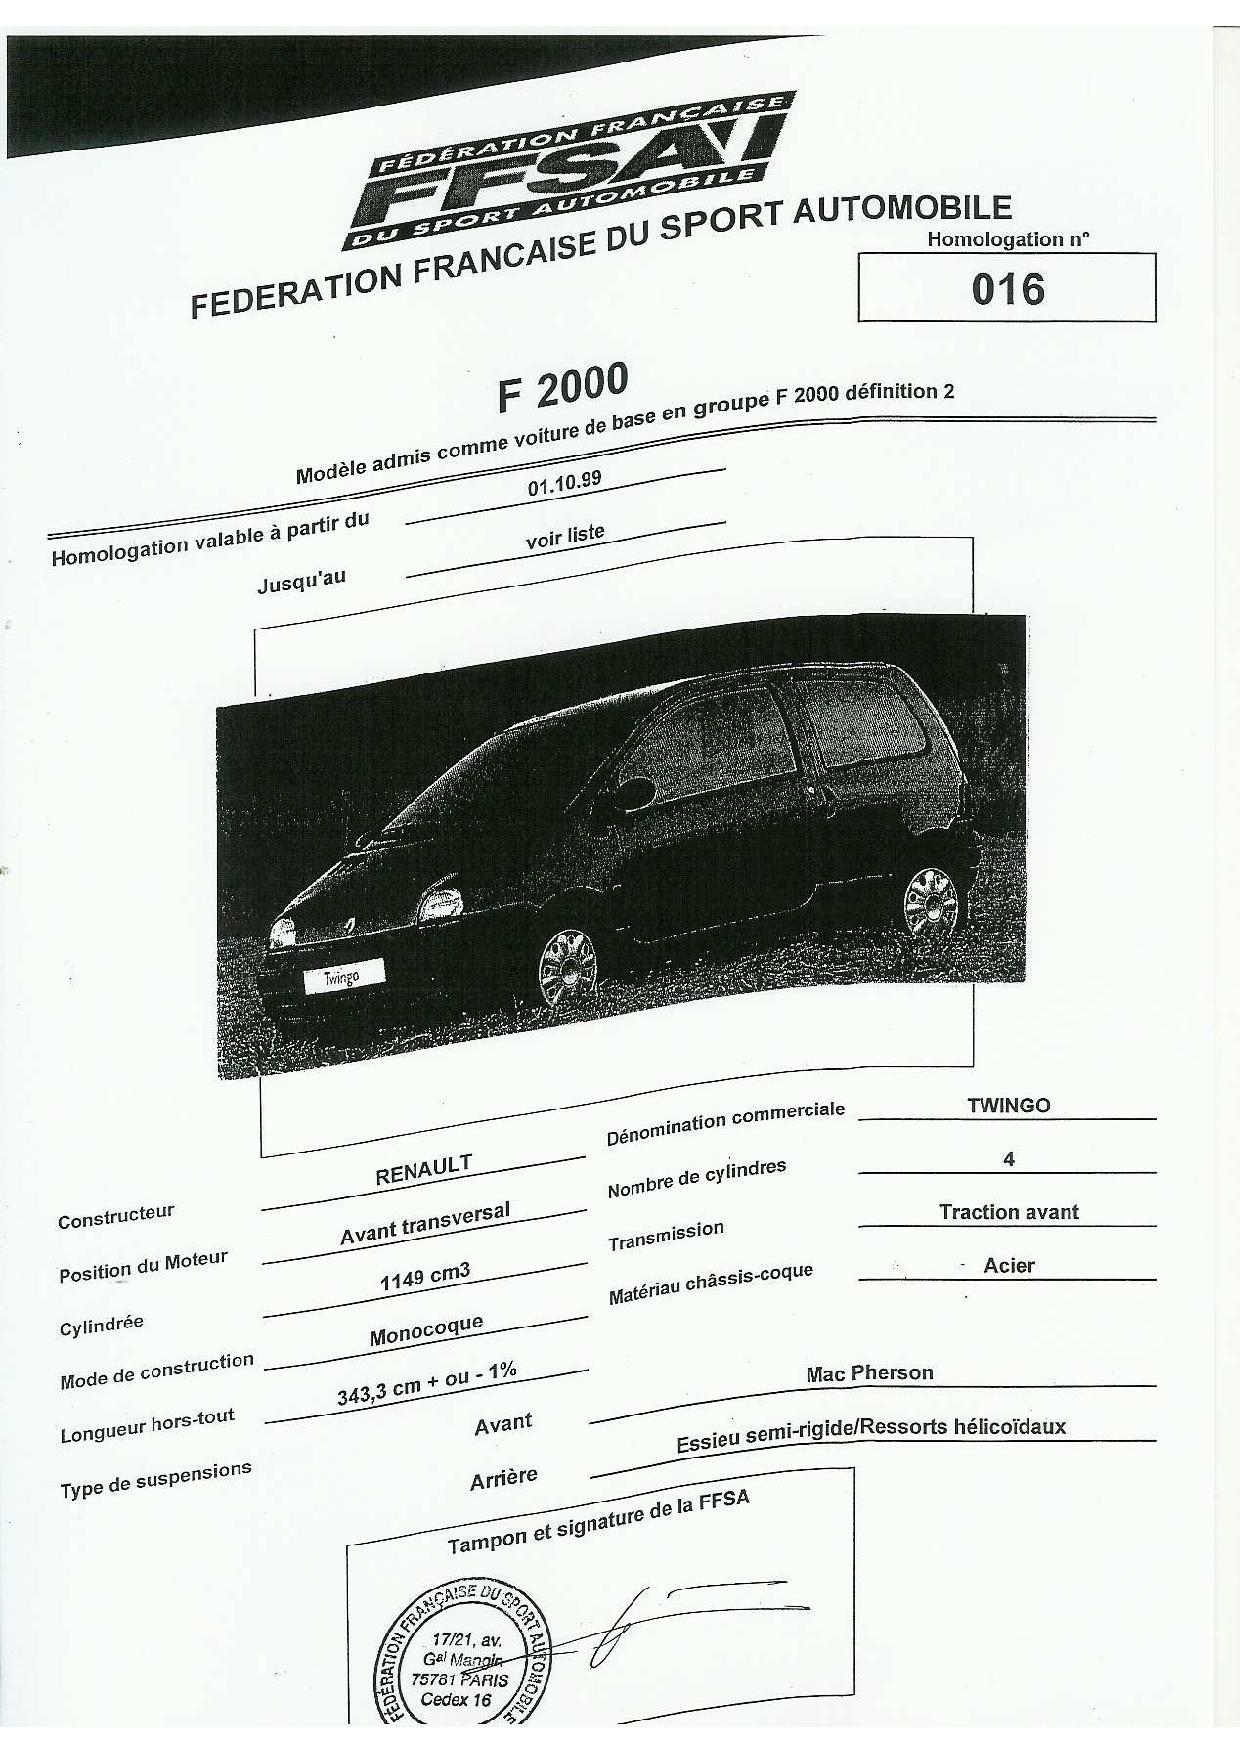 La Twingo 1 Rallye f2011 57206390de96f